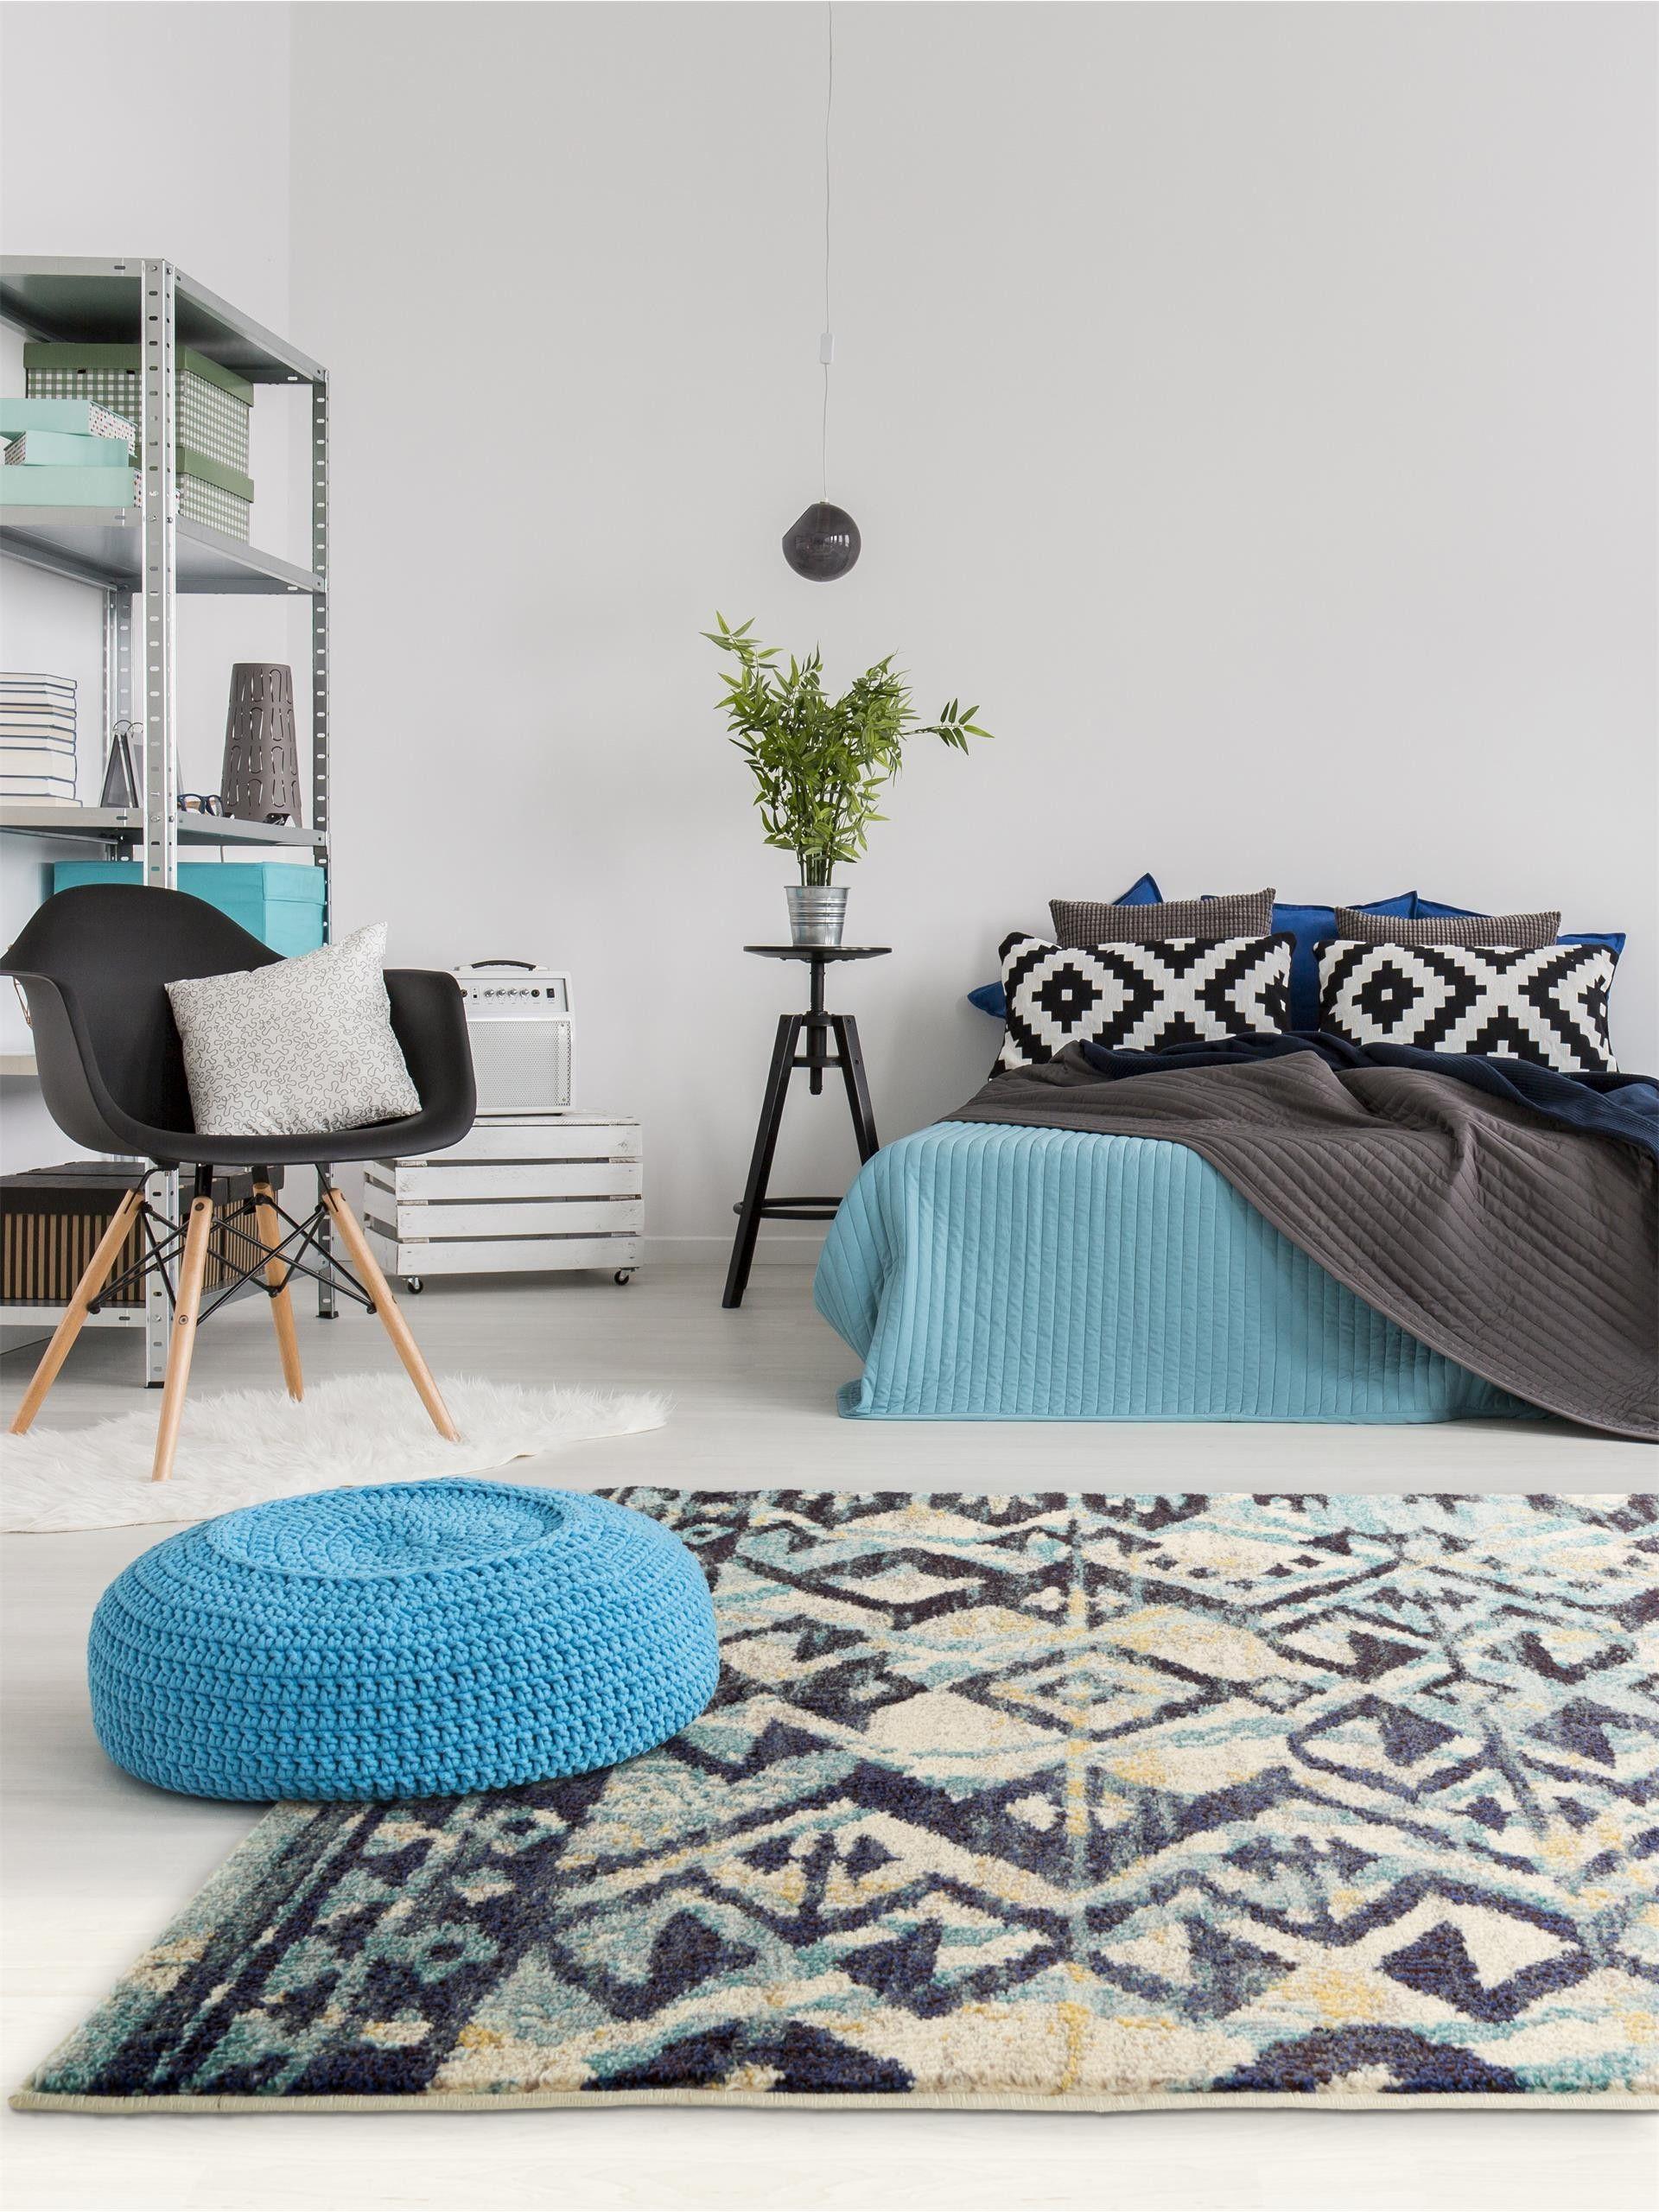 Ethno style trifft auf moderne einrichtung benuta teppich casa blau